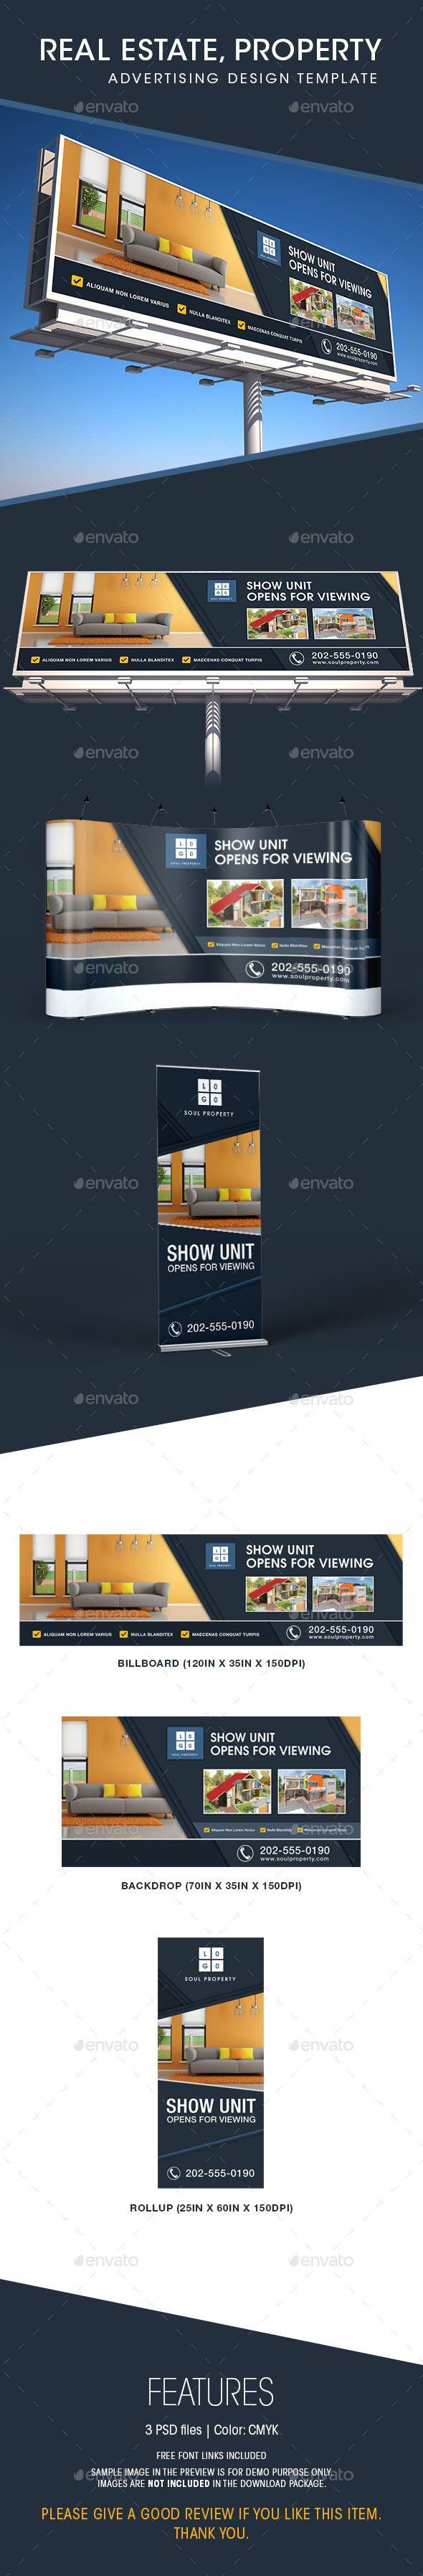 Real estate billboard design samples - Real Estate Billboard Backdrop Rollup Design